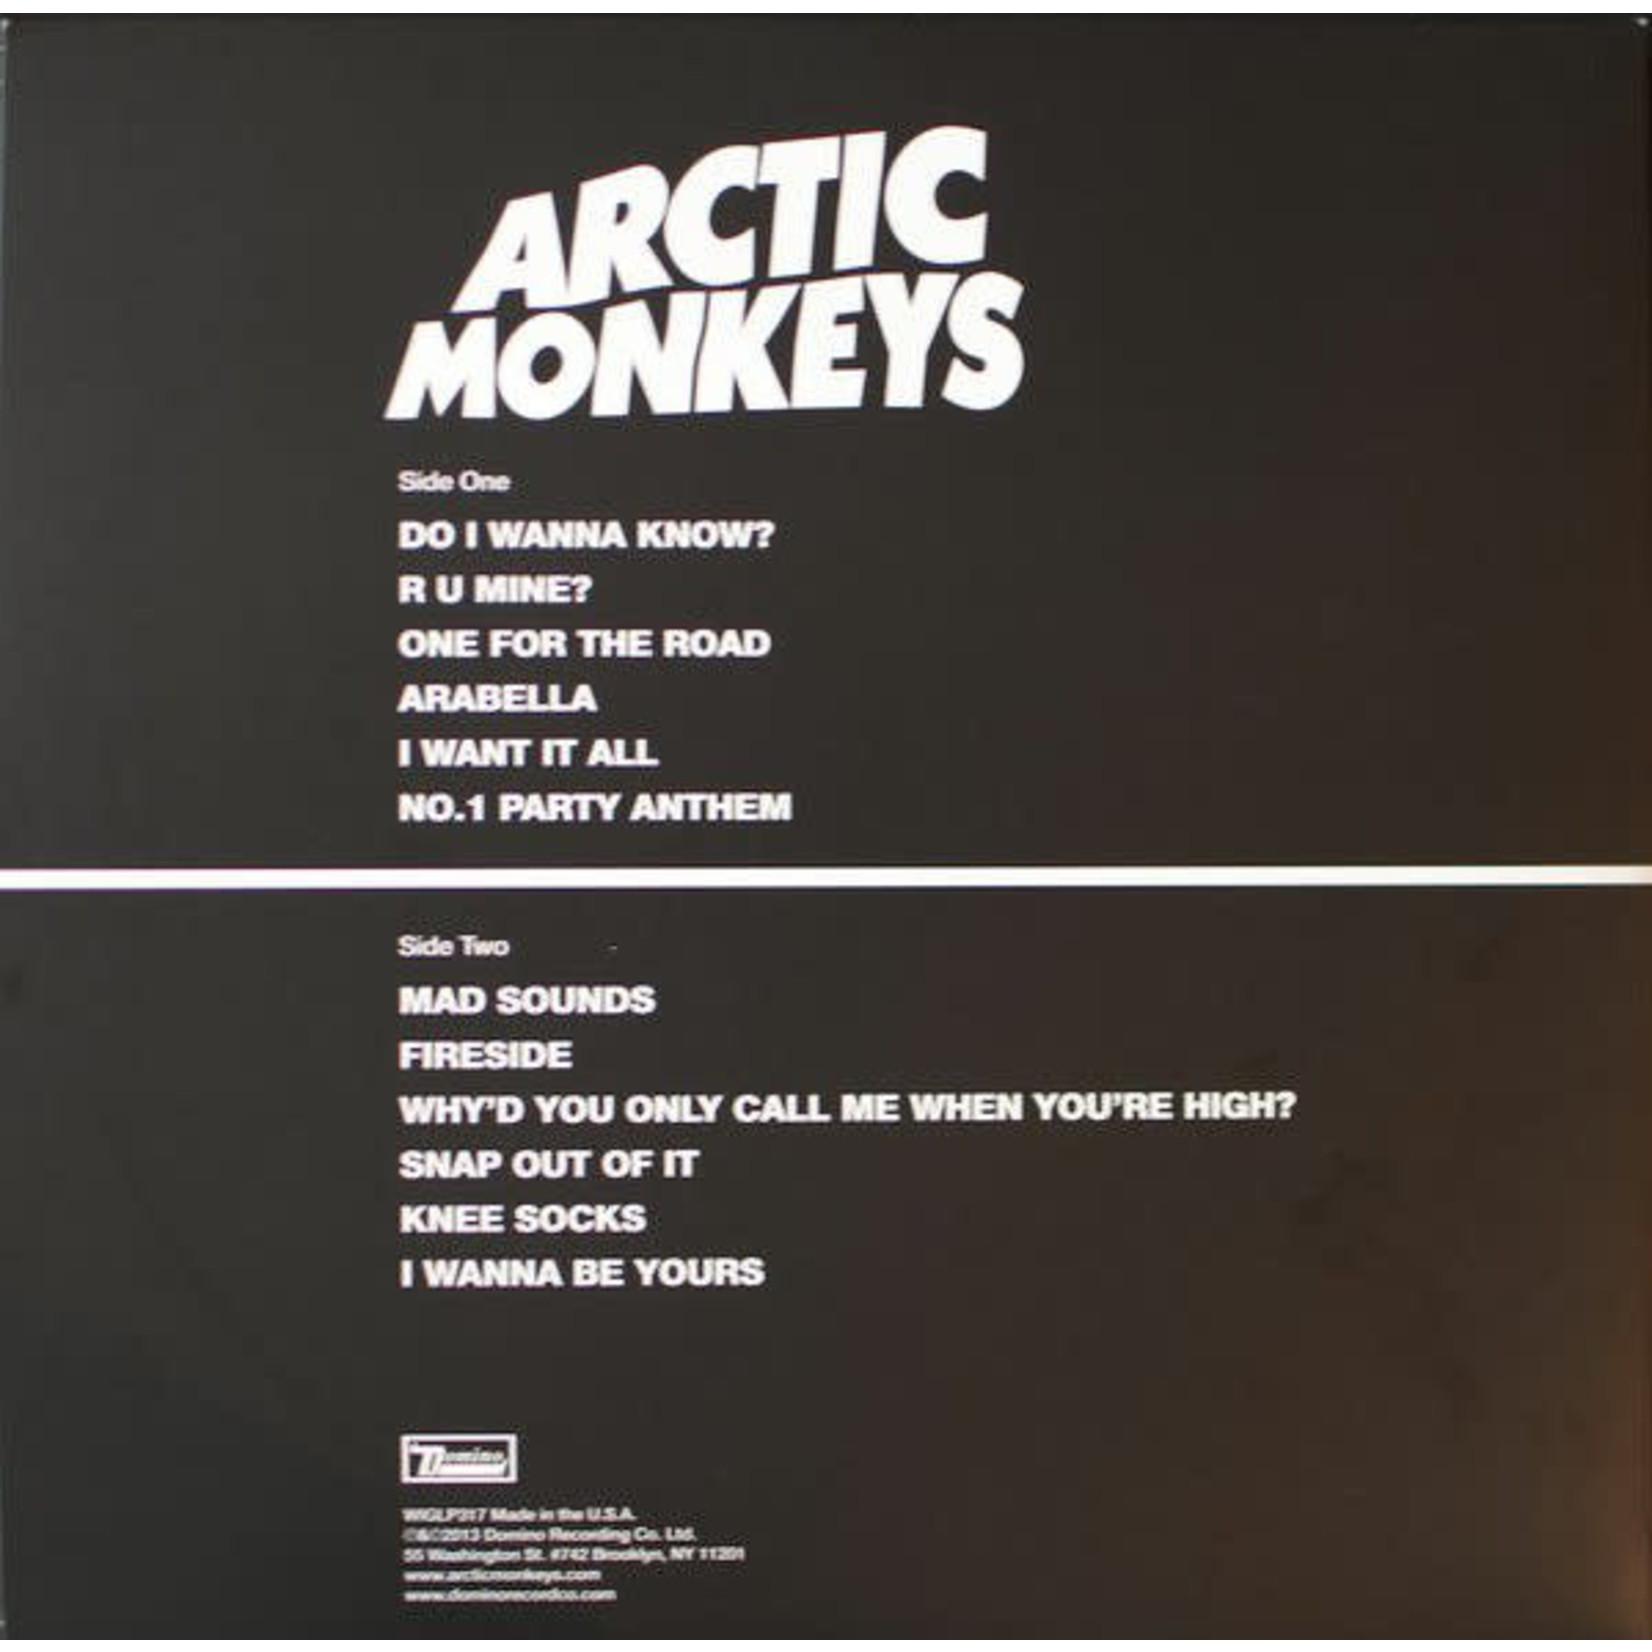 ARCTIC MONKEYS AM